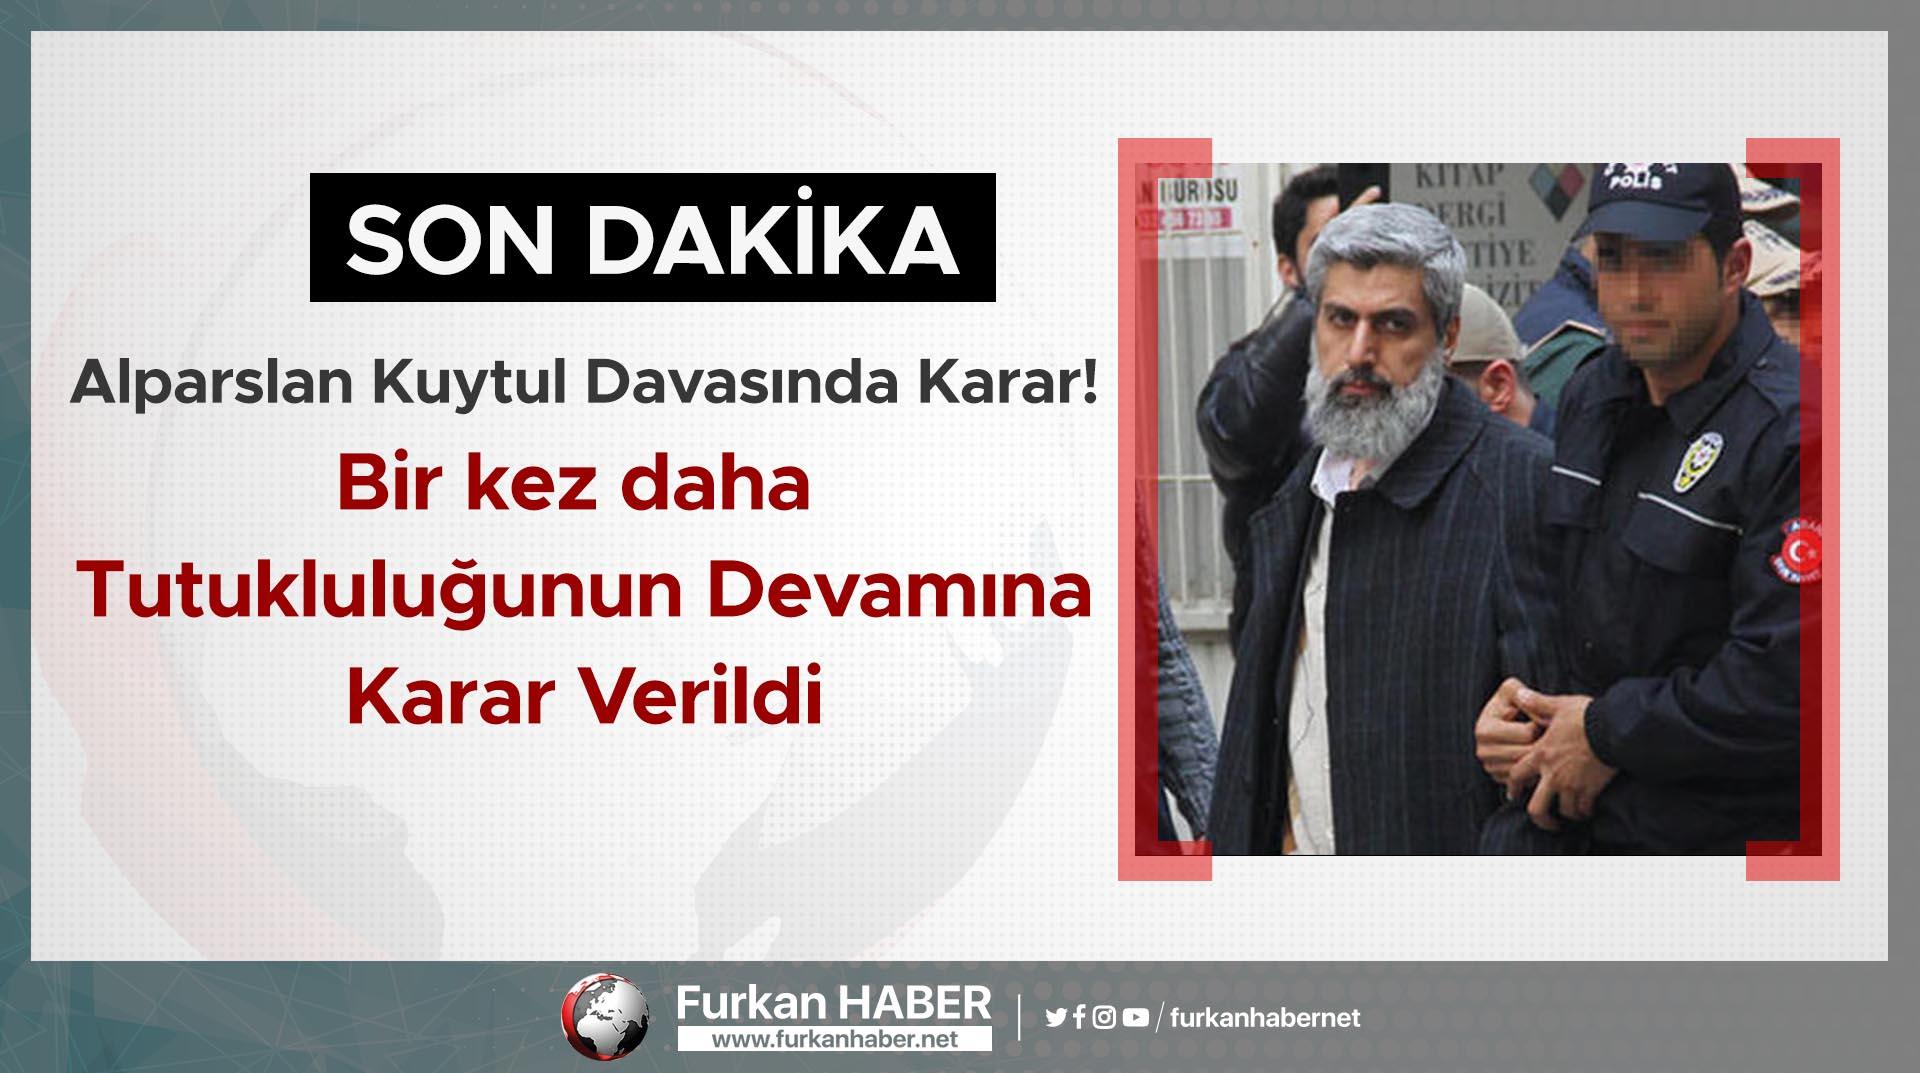 Alparslan Kuytul davasında karar! Bir kez daha tutukluluğunun devamına karar verildi